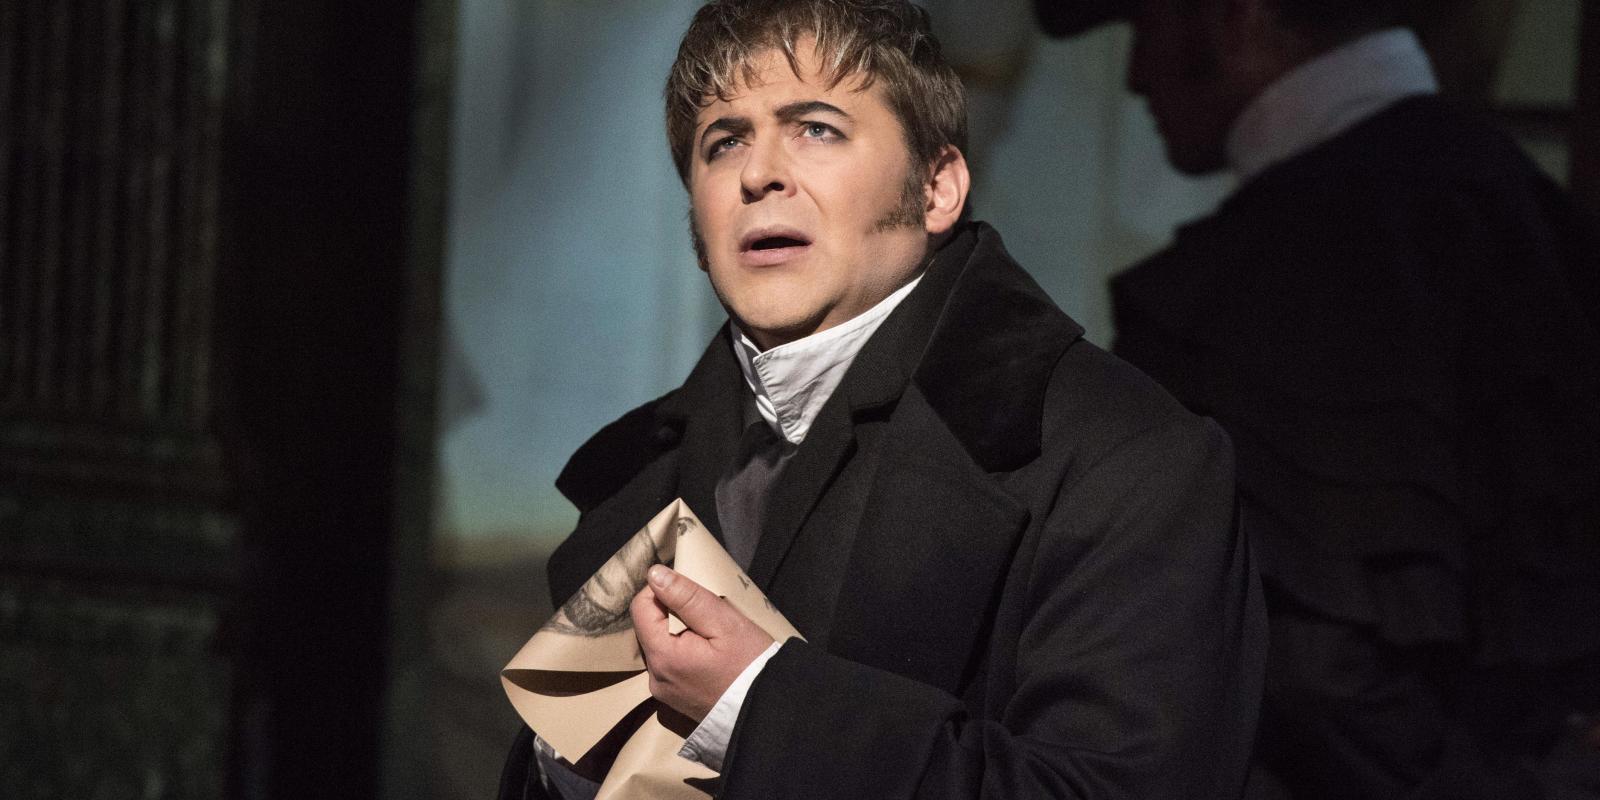 Craig Colclough as Scarpia performing in ENO's Tosca